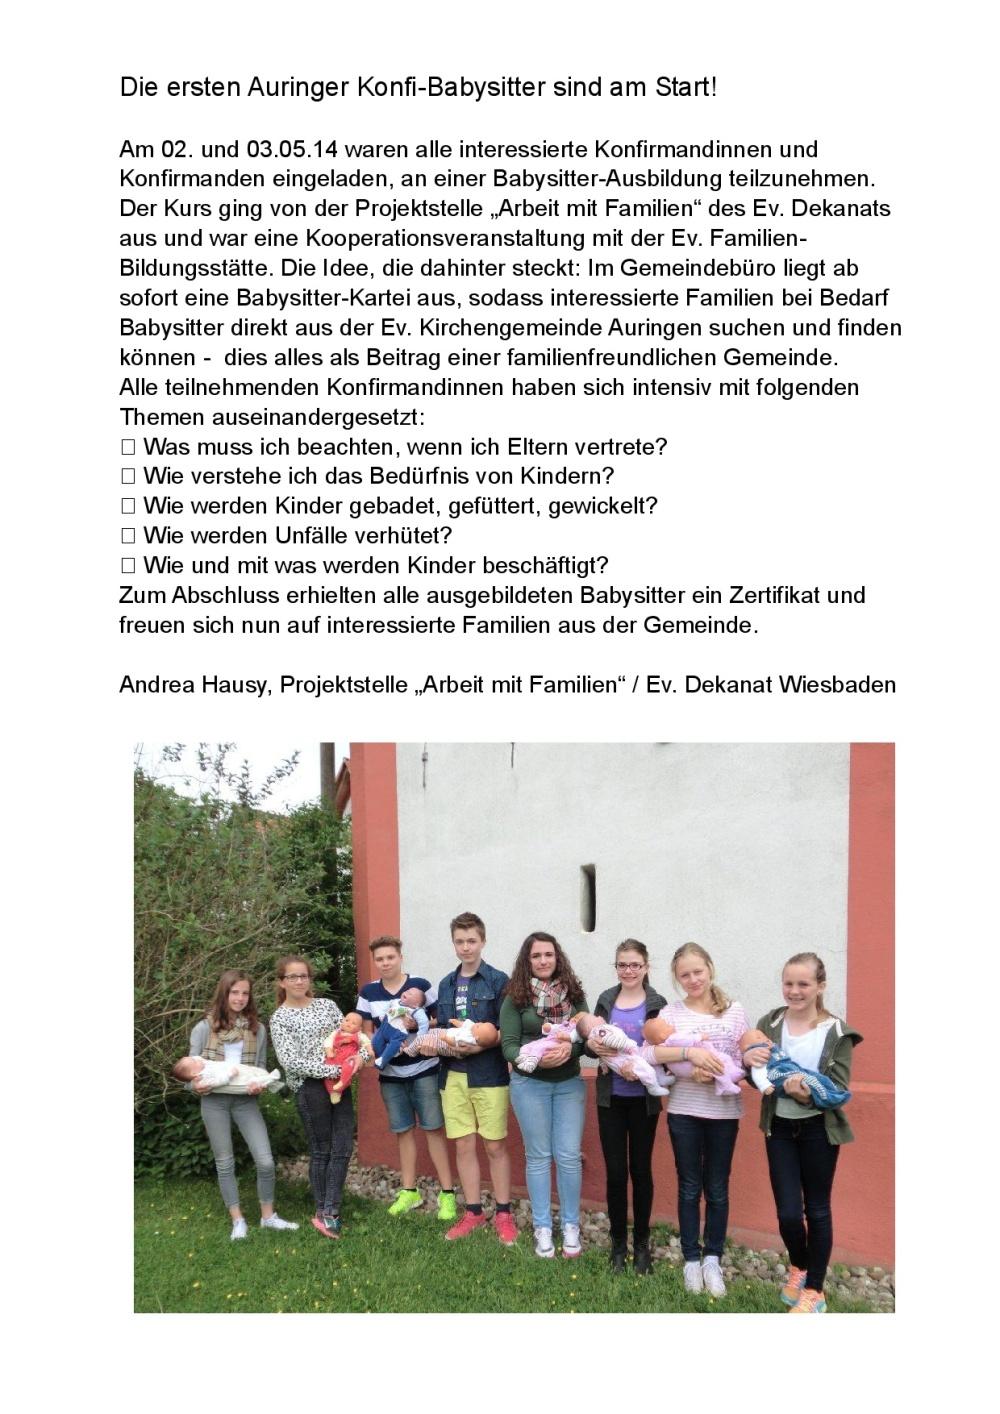 11-BabysitterKurs 02.-03.05.14-001.jpg